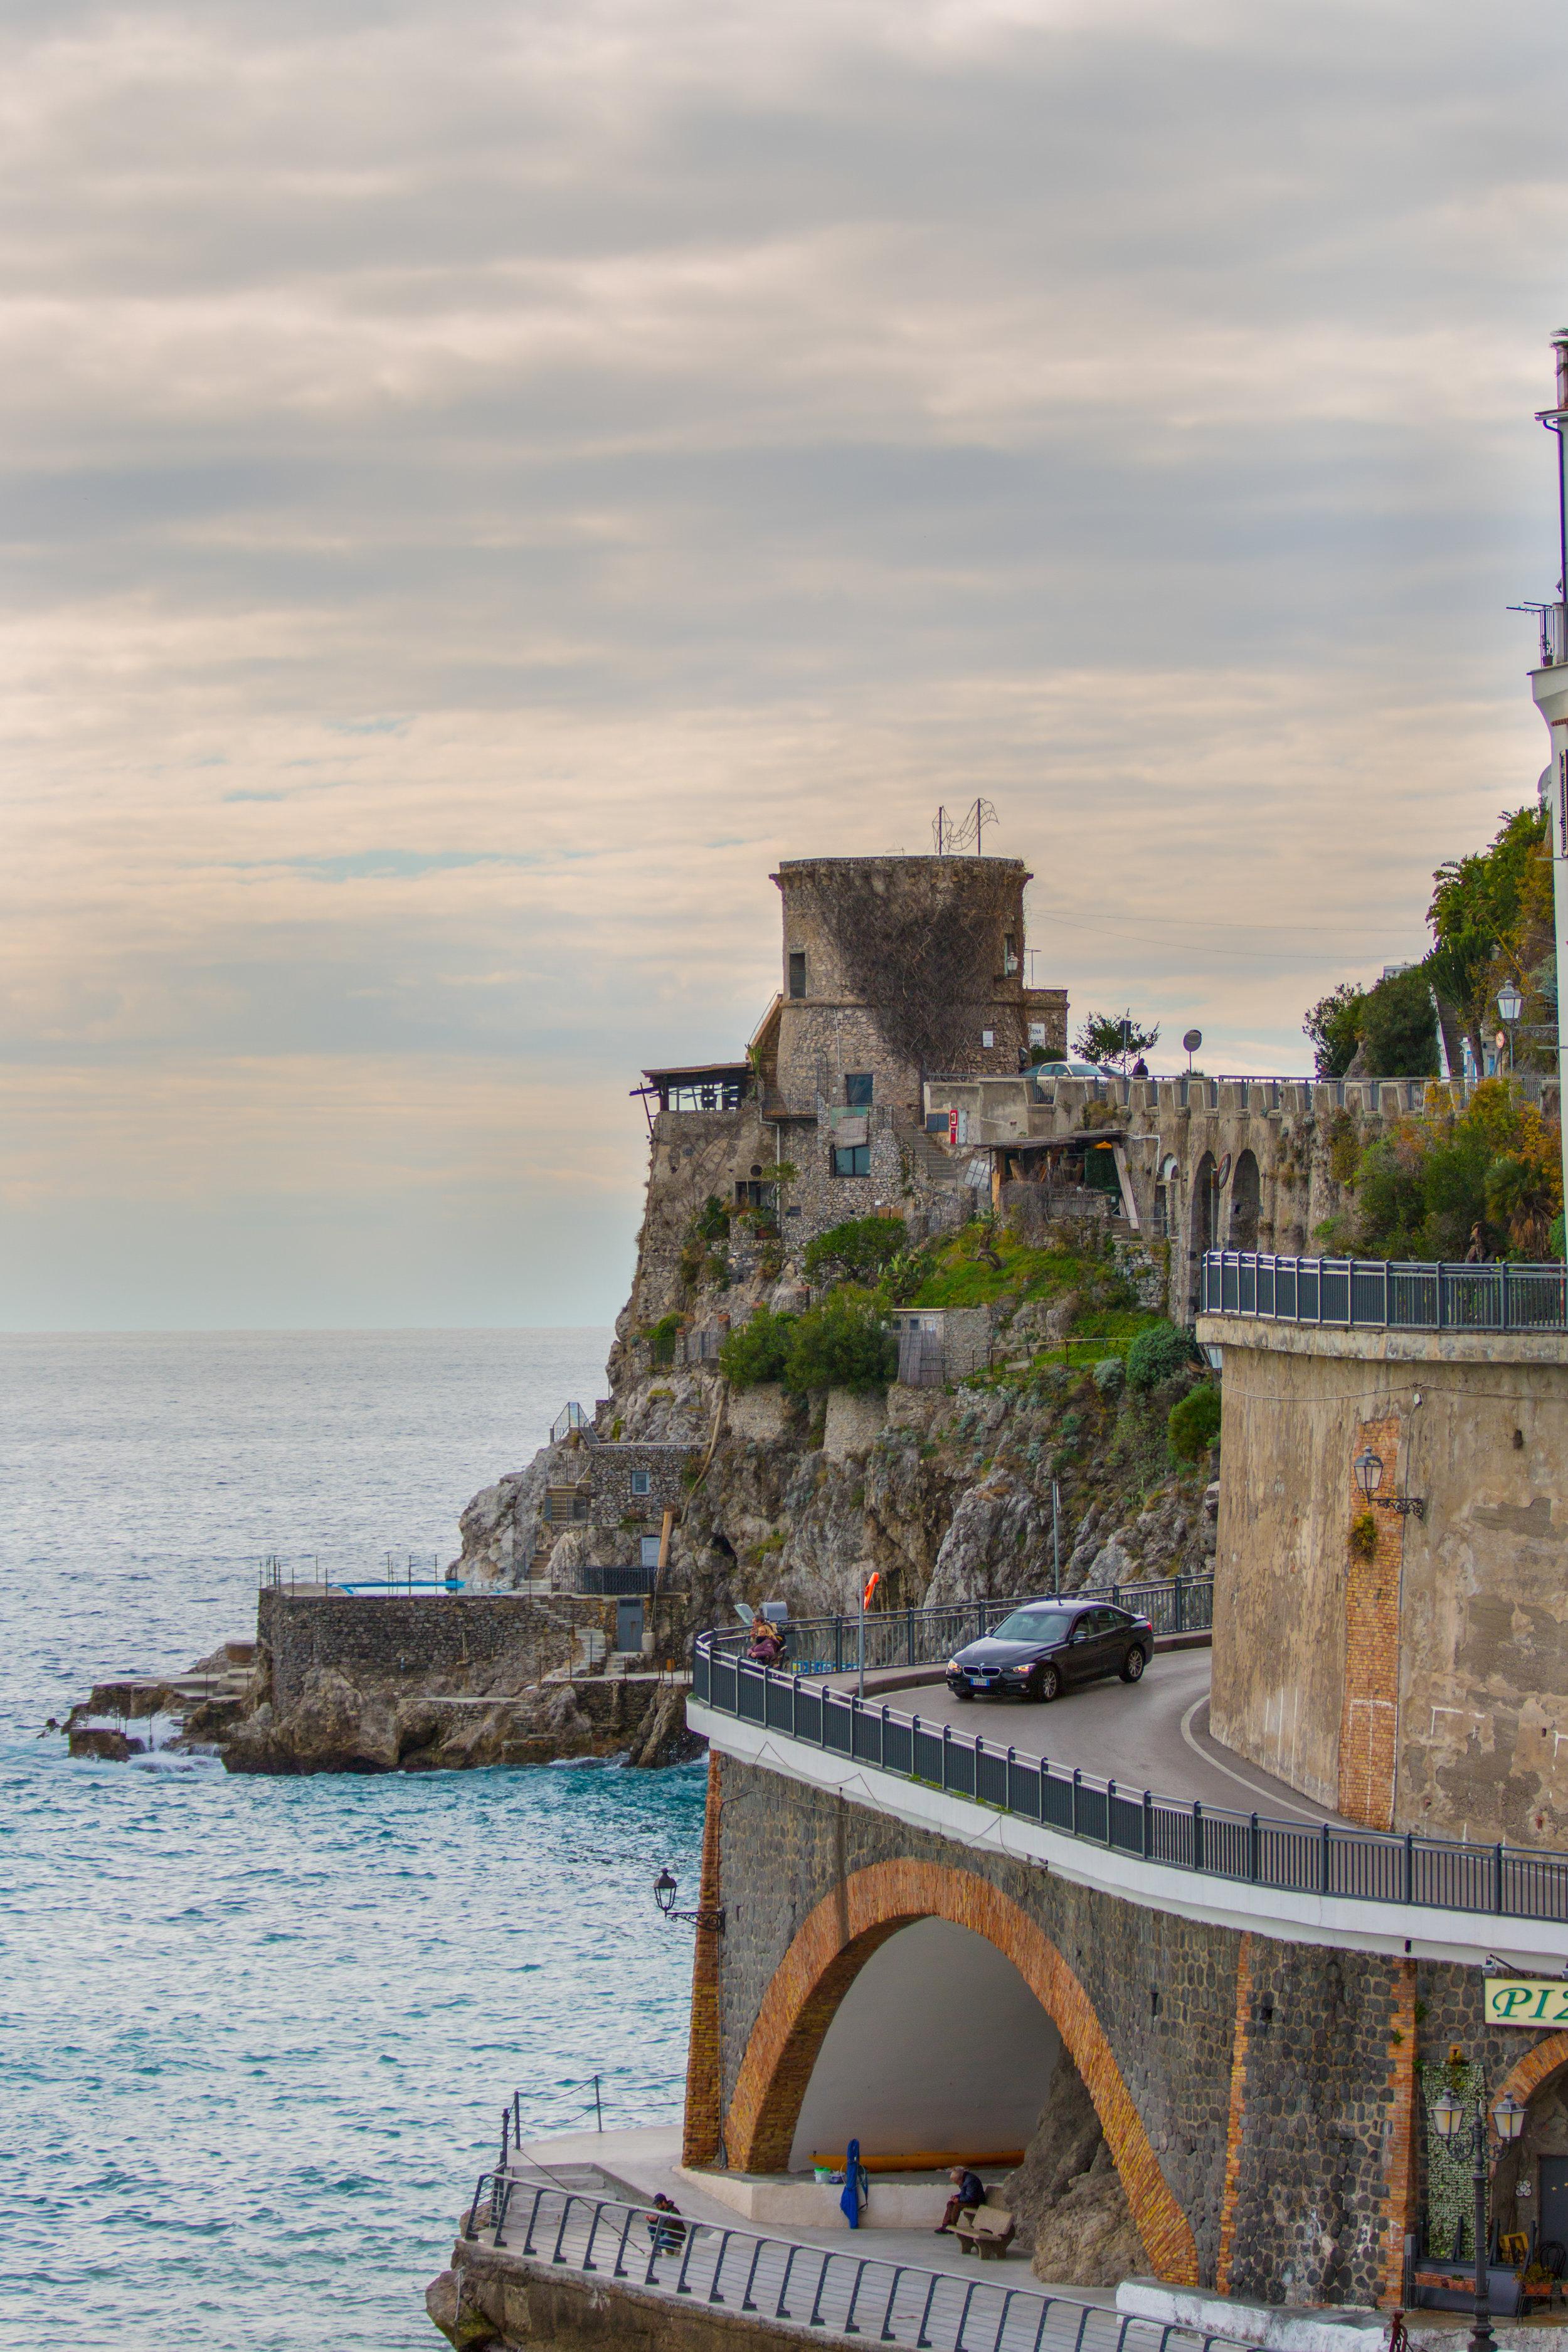 Sixt_Amalfi_1.jpg